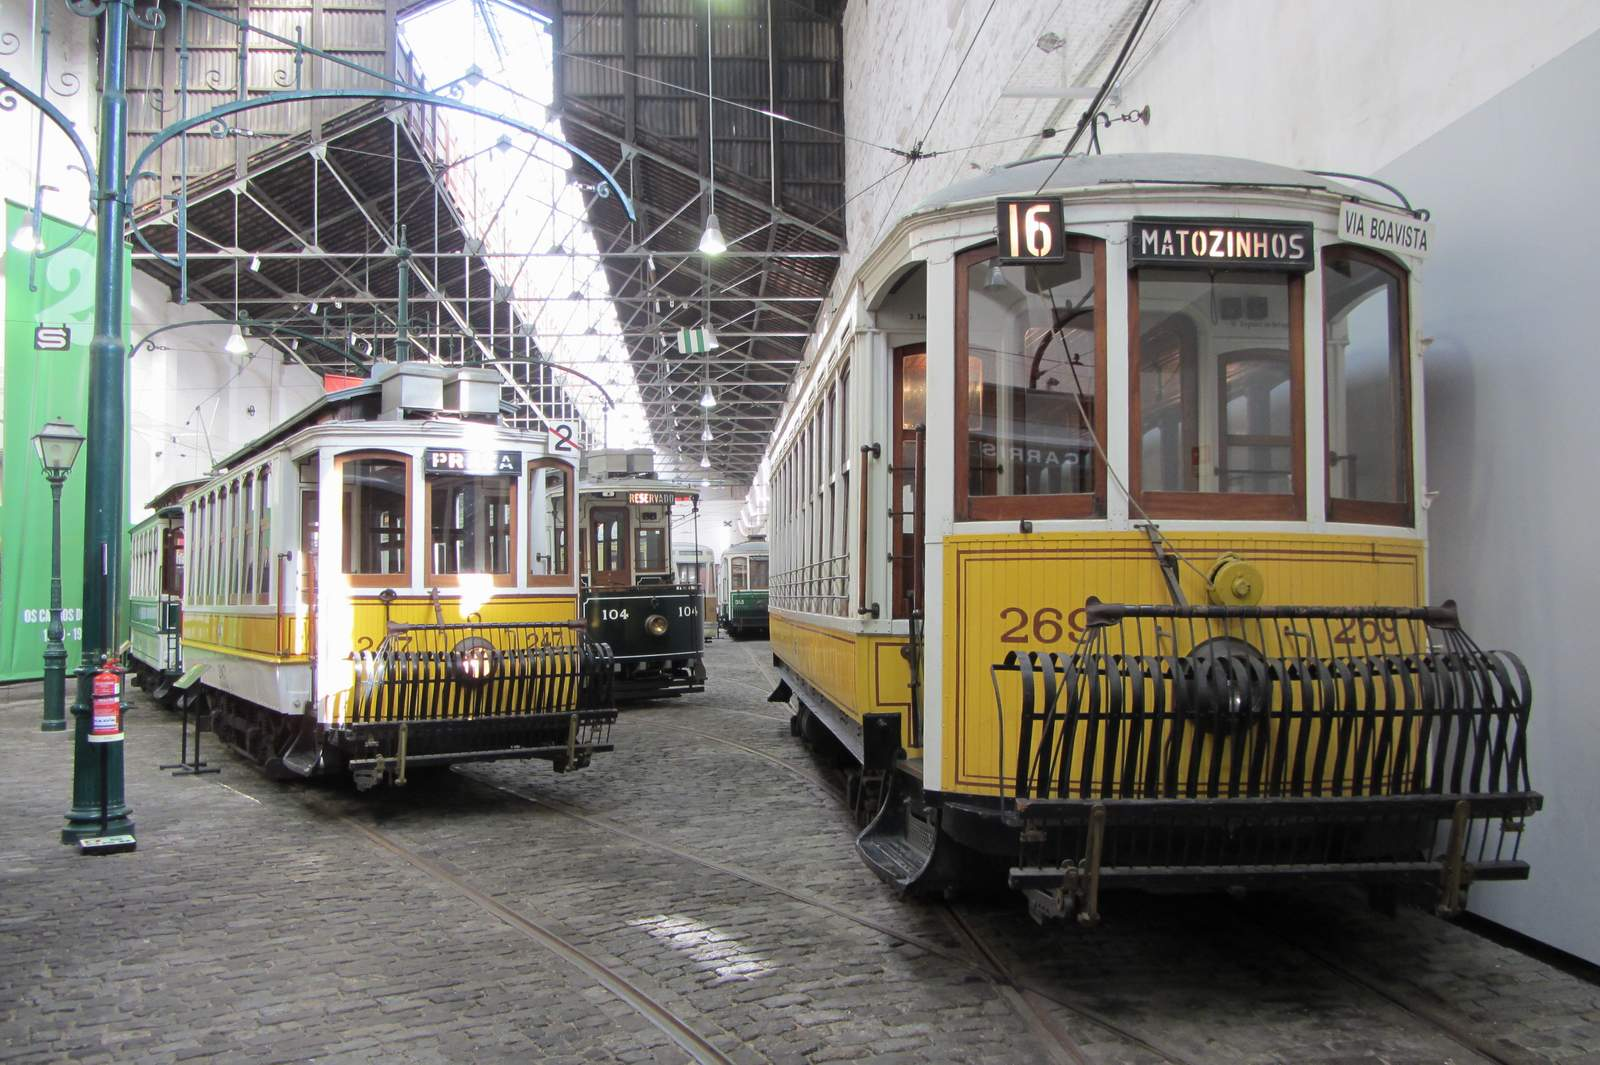 Tram_Porto_247